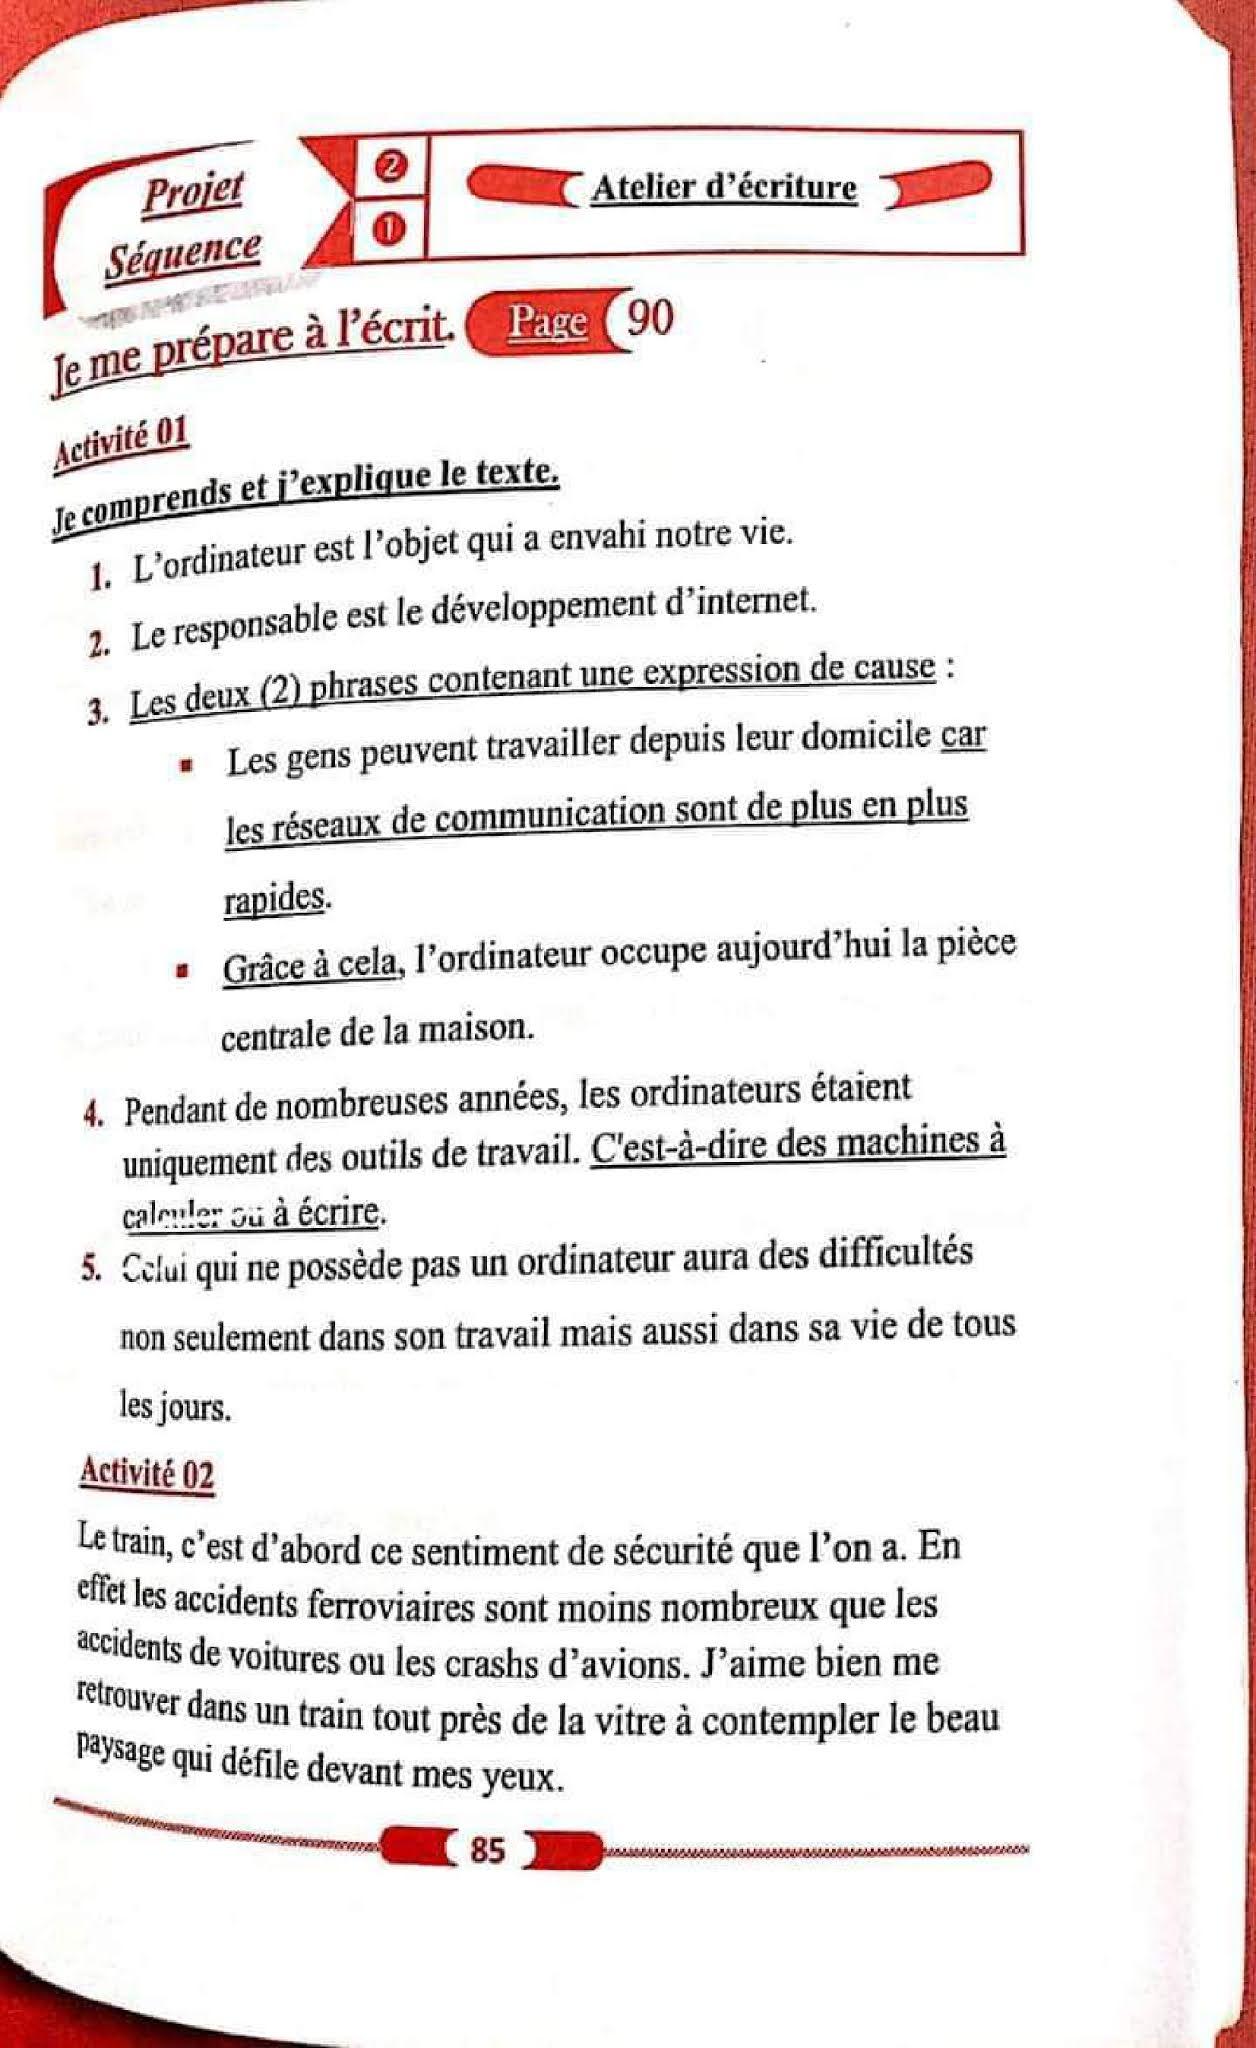 حل تمارين صفحة 90 الفرنسية للسنة الأولى متوسط الجيل الثاني